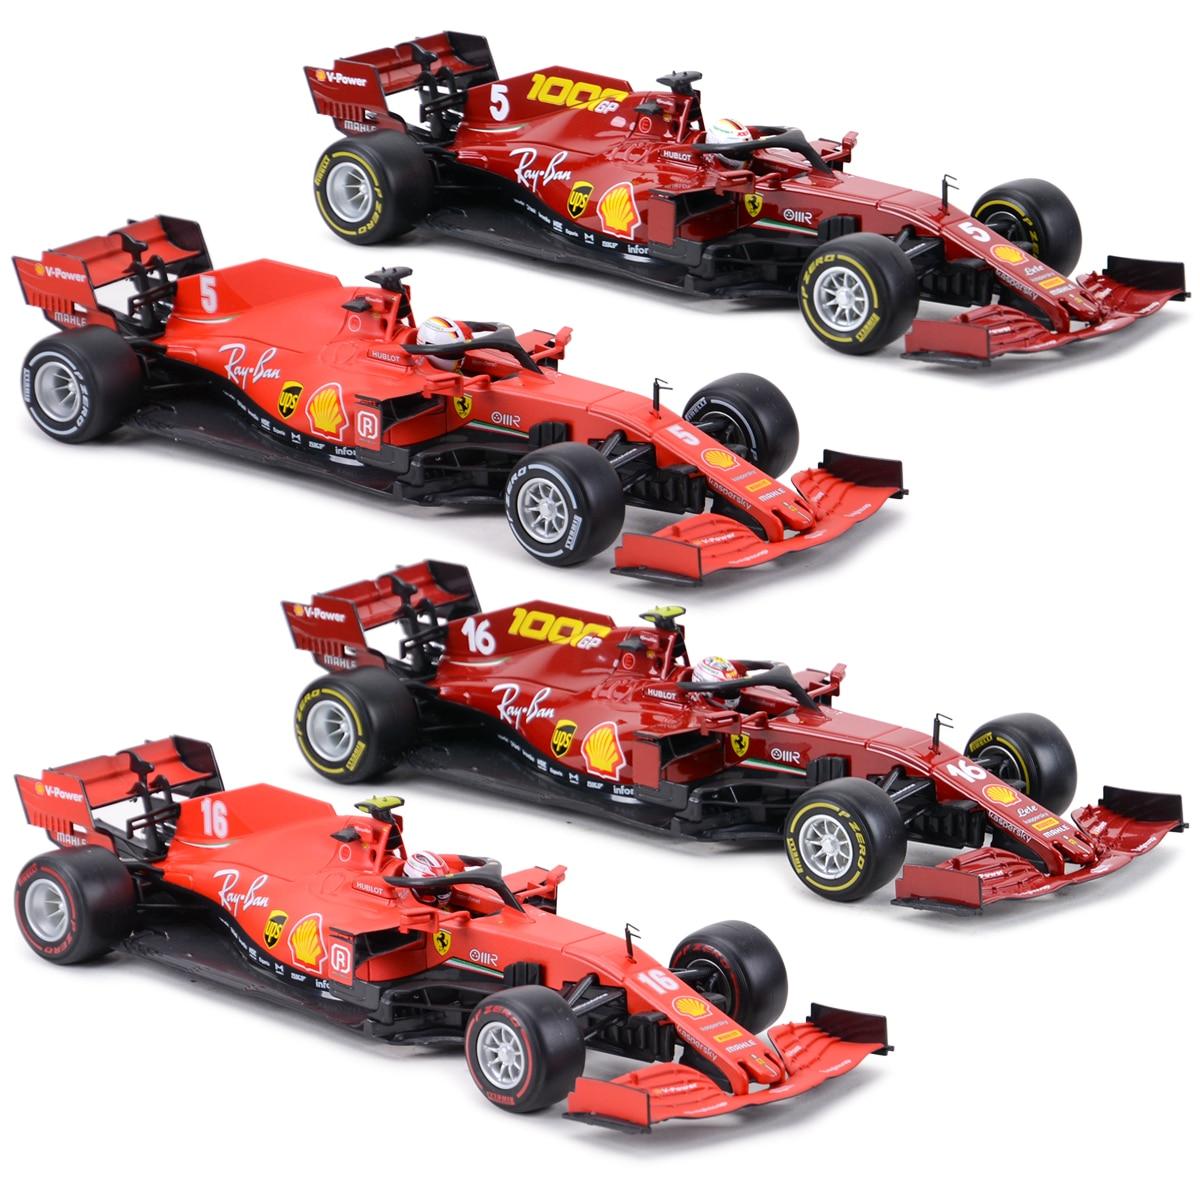 bburago-1-18-2020-sf1000-5-16-f1-racing-formula-car-simulazione-statica-modellino-in-lega-auto